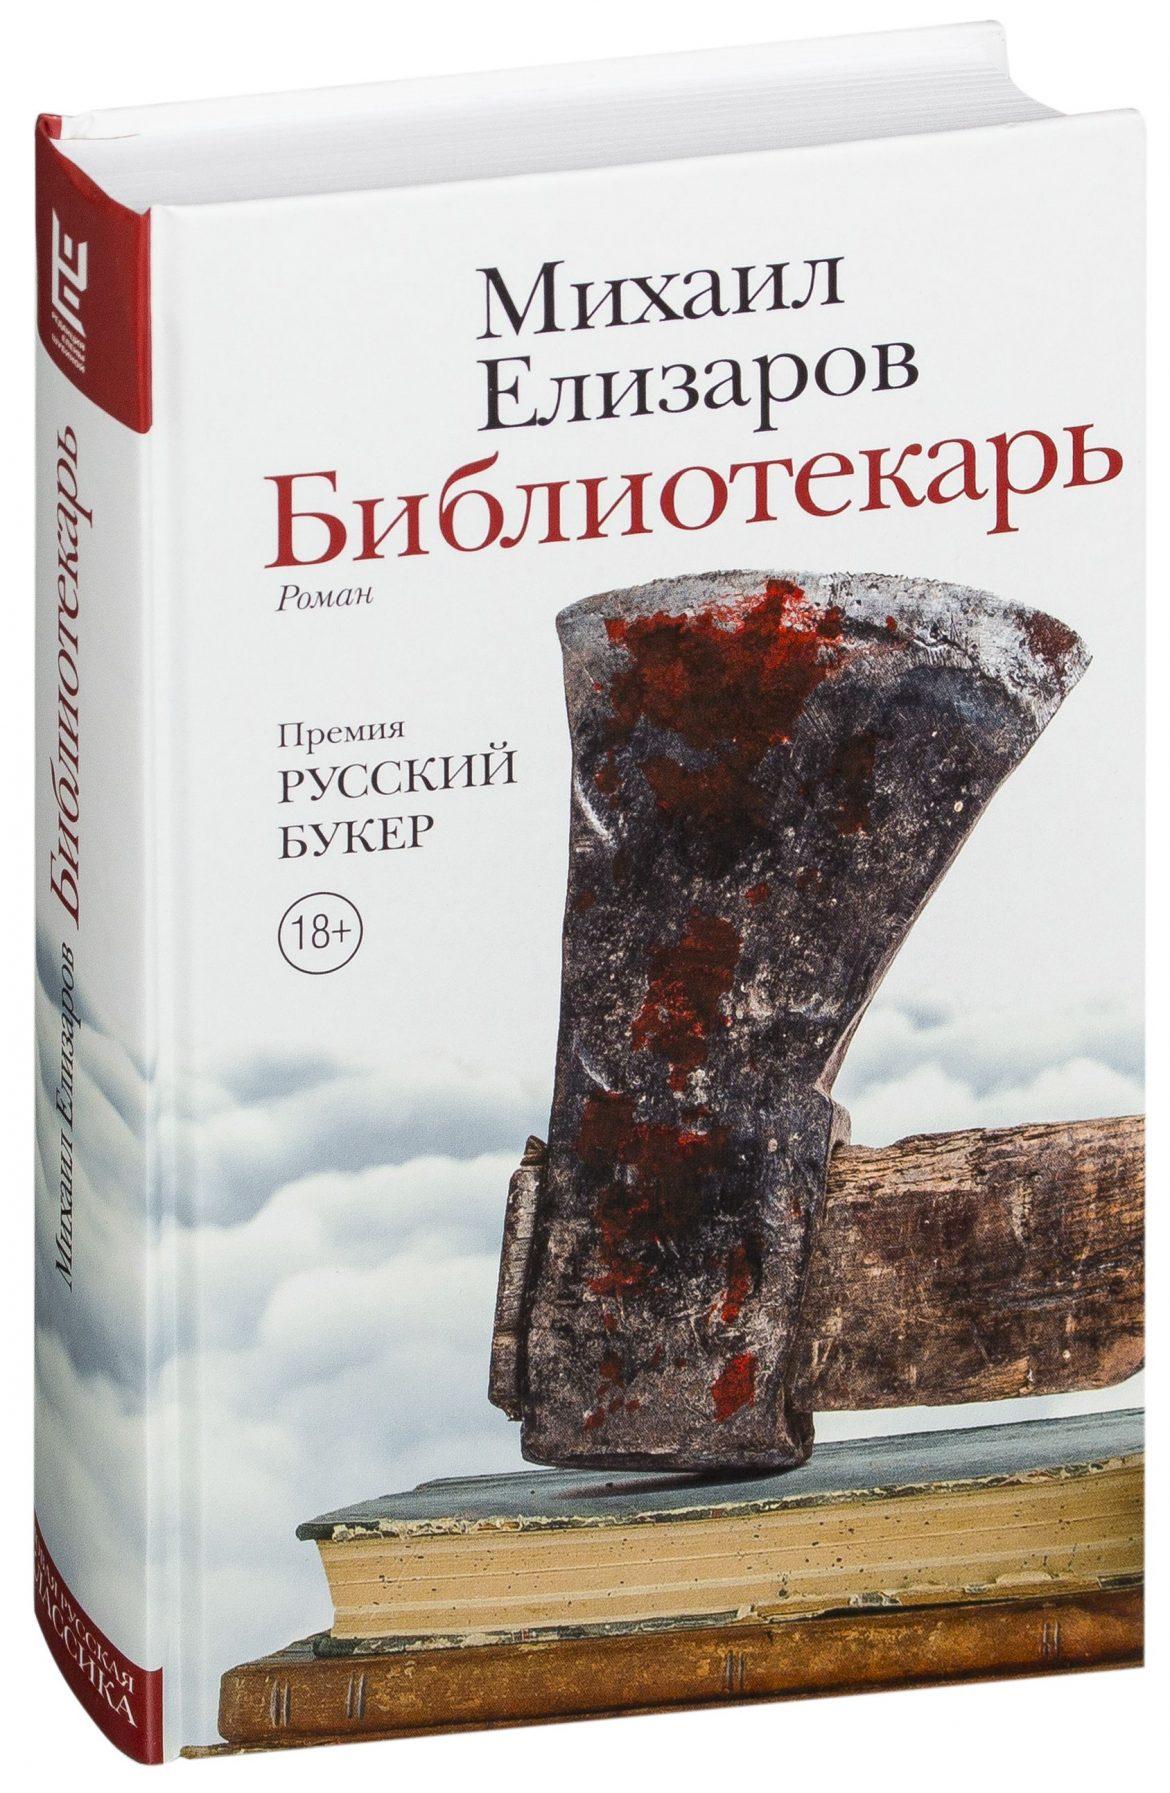 Библиотекарь — Михаил Елизаров